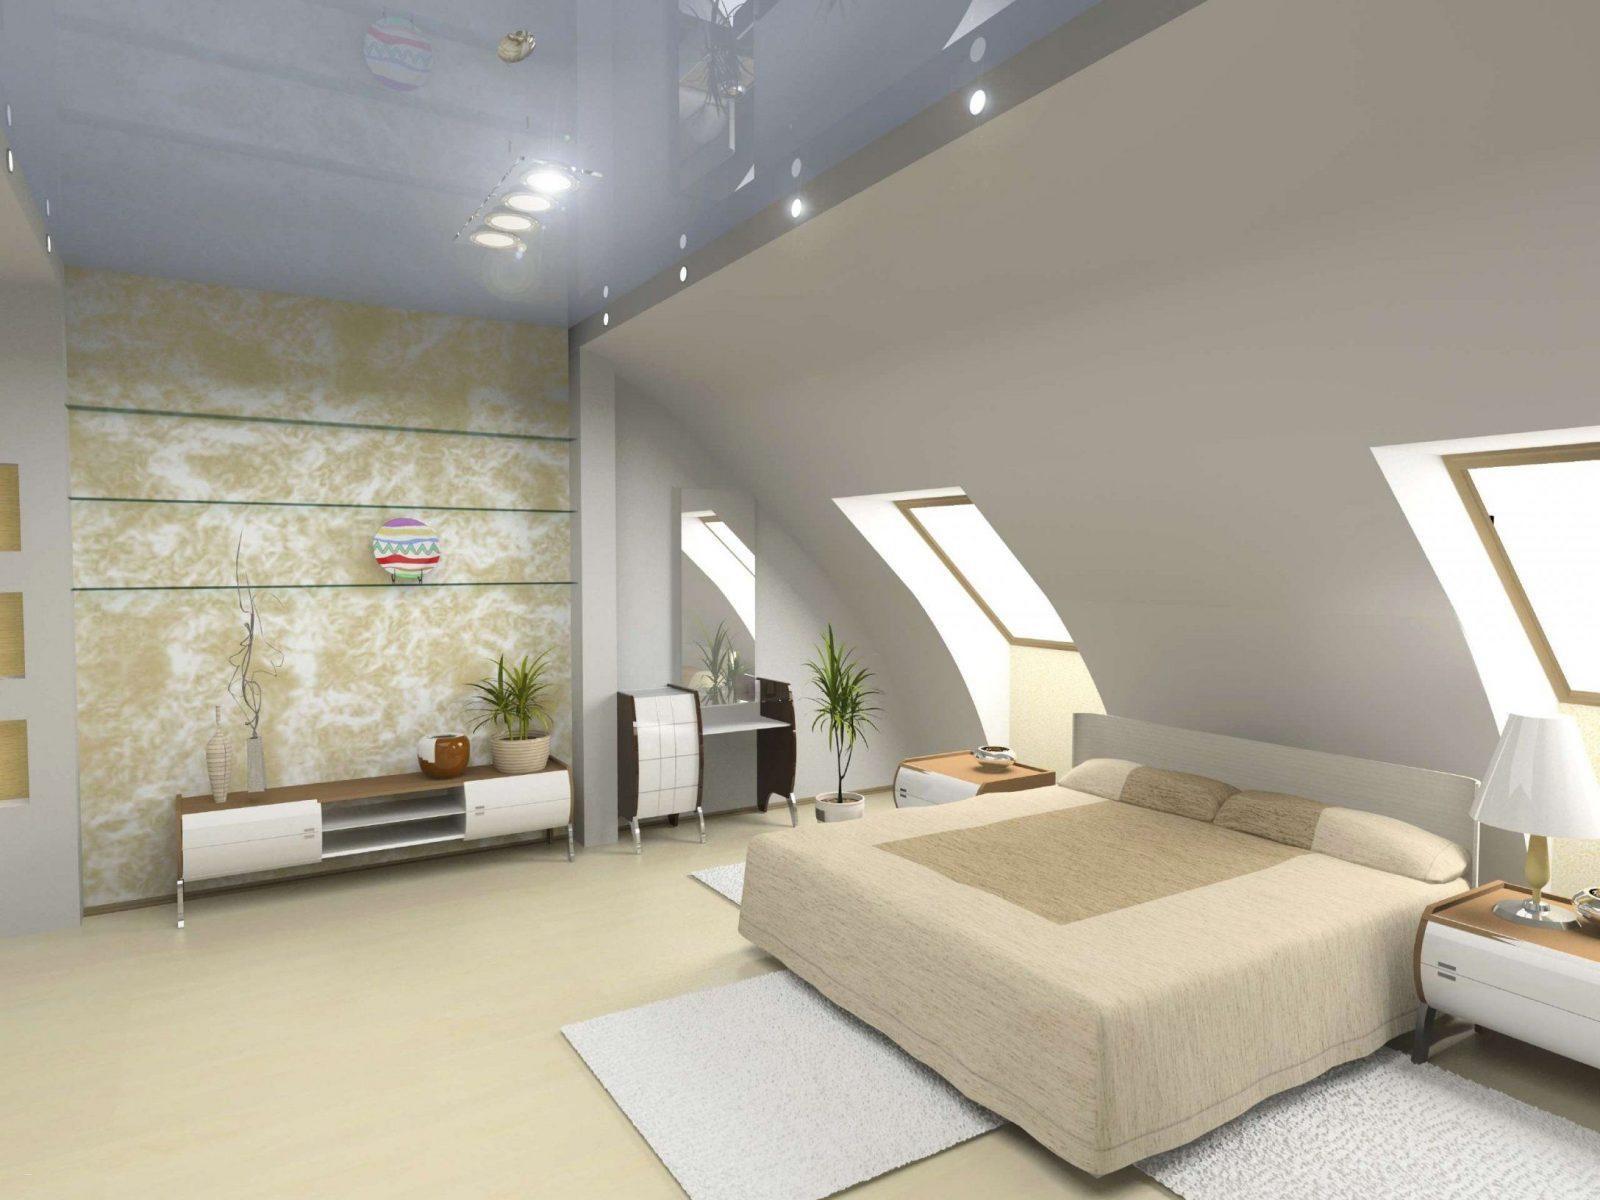 Einrichtungsideen Schlafzimmer Mit Dachschräge Inspirierend 43 von Einrichtungsideen Schlafzimmer Mit Dachschräge Bild